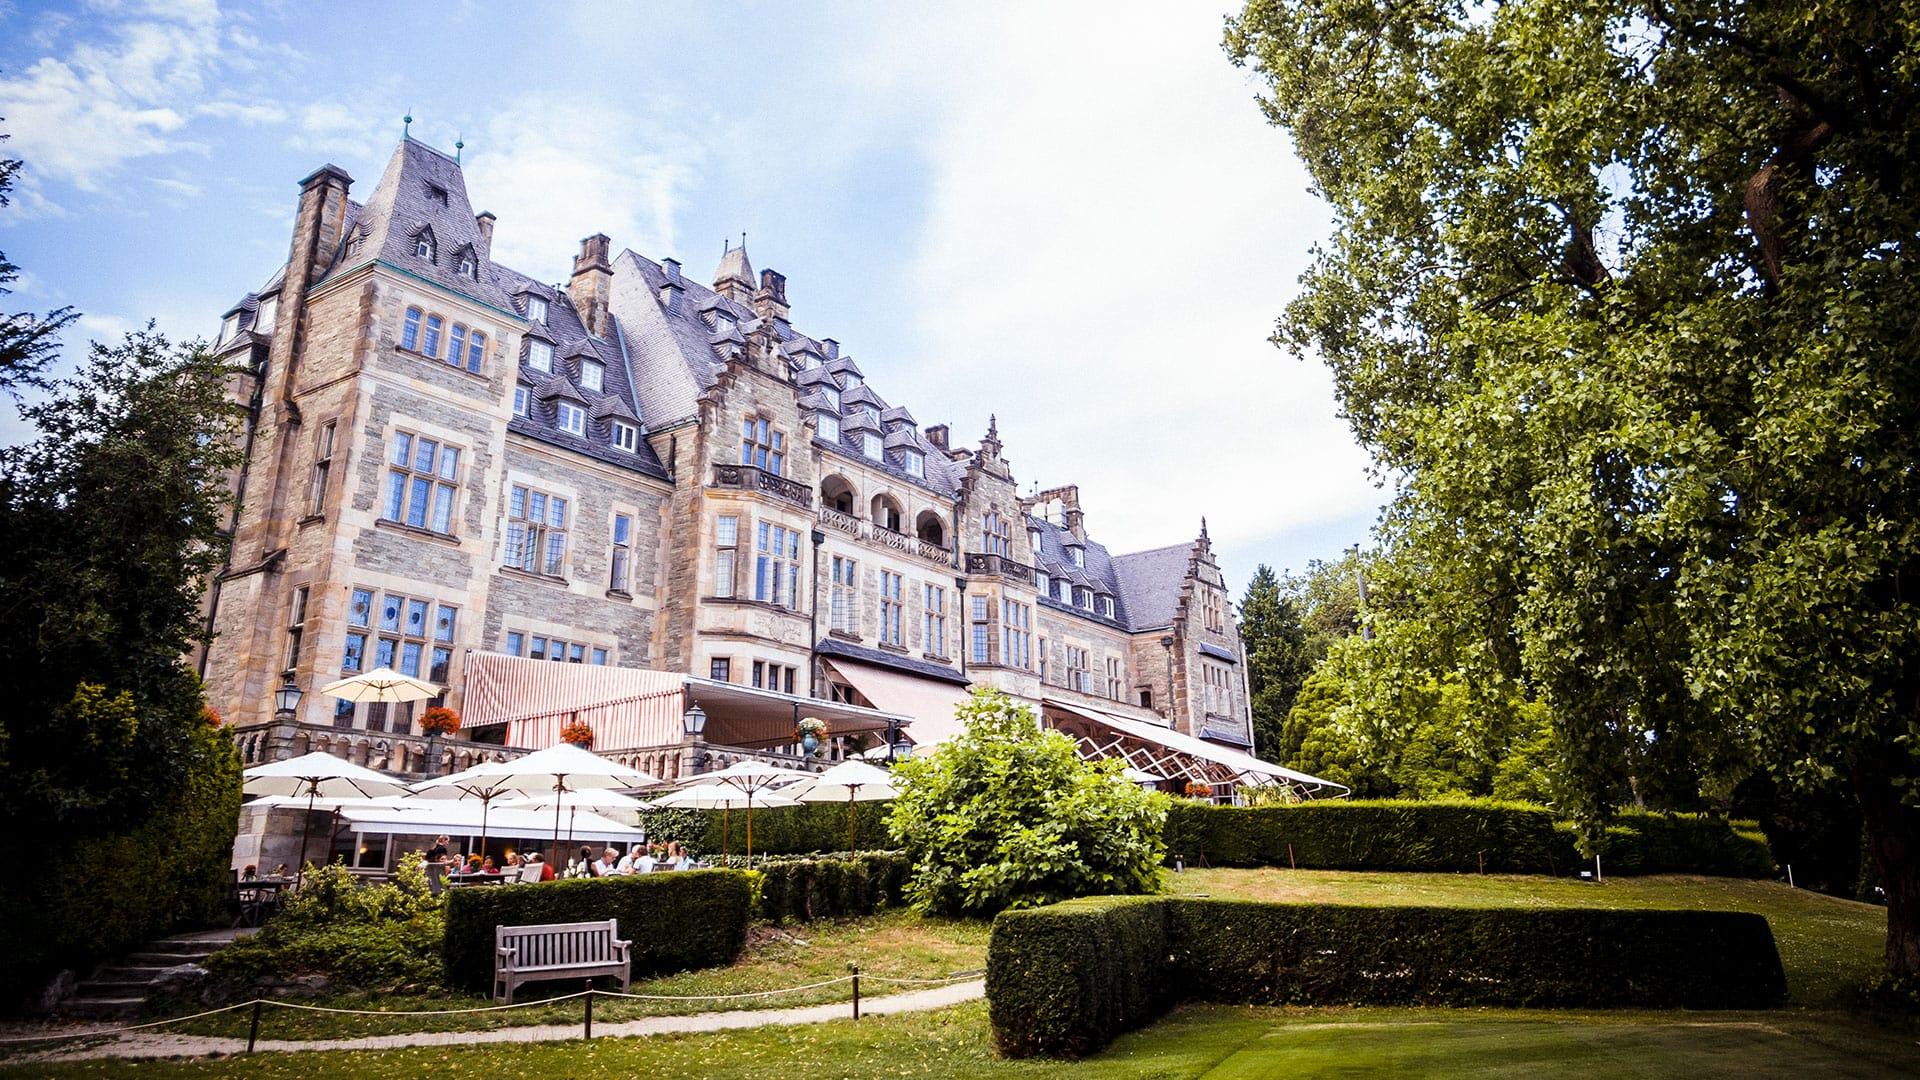 das hochzeits foto schlosshotel kronberg bg - Schlosshotel, Kronberg